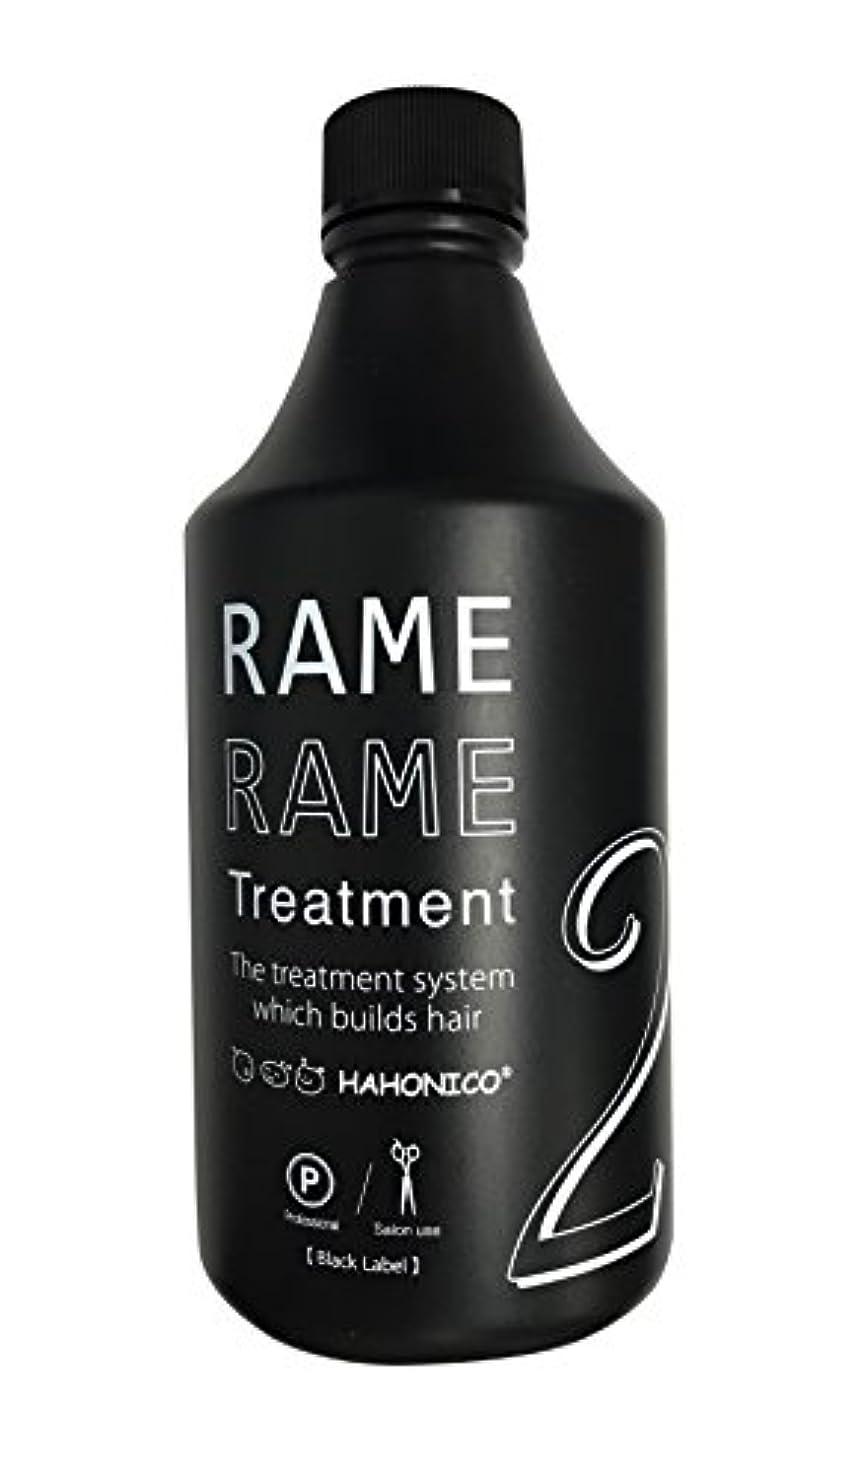 メモ没頭するシダハホニコ (HAHONICO) ザラメラメ No.2 イオンチェンジャーザガンマ Black Label 500ml